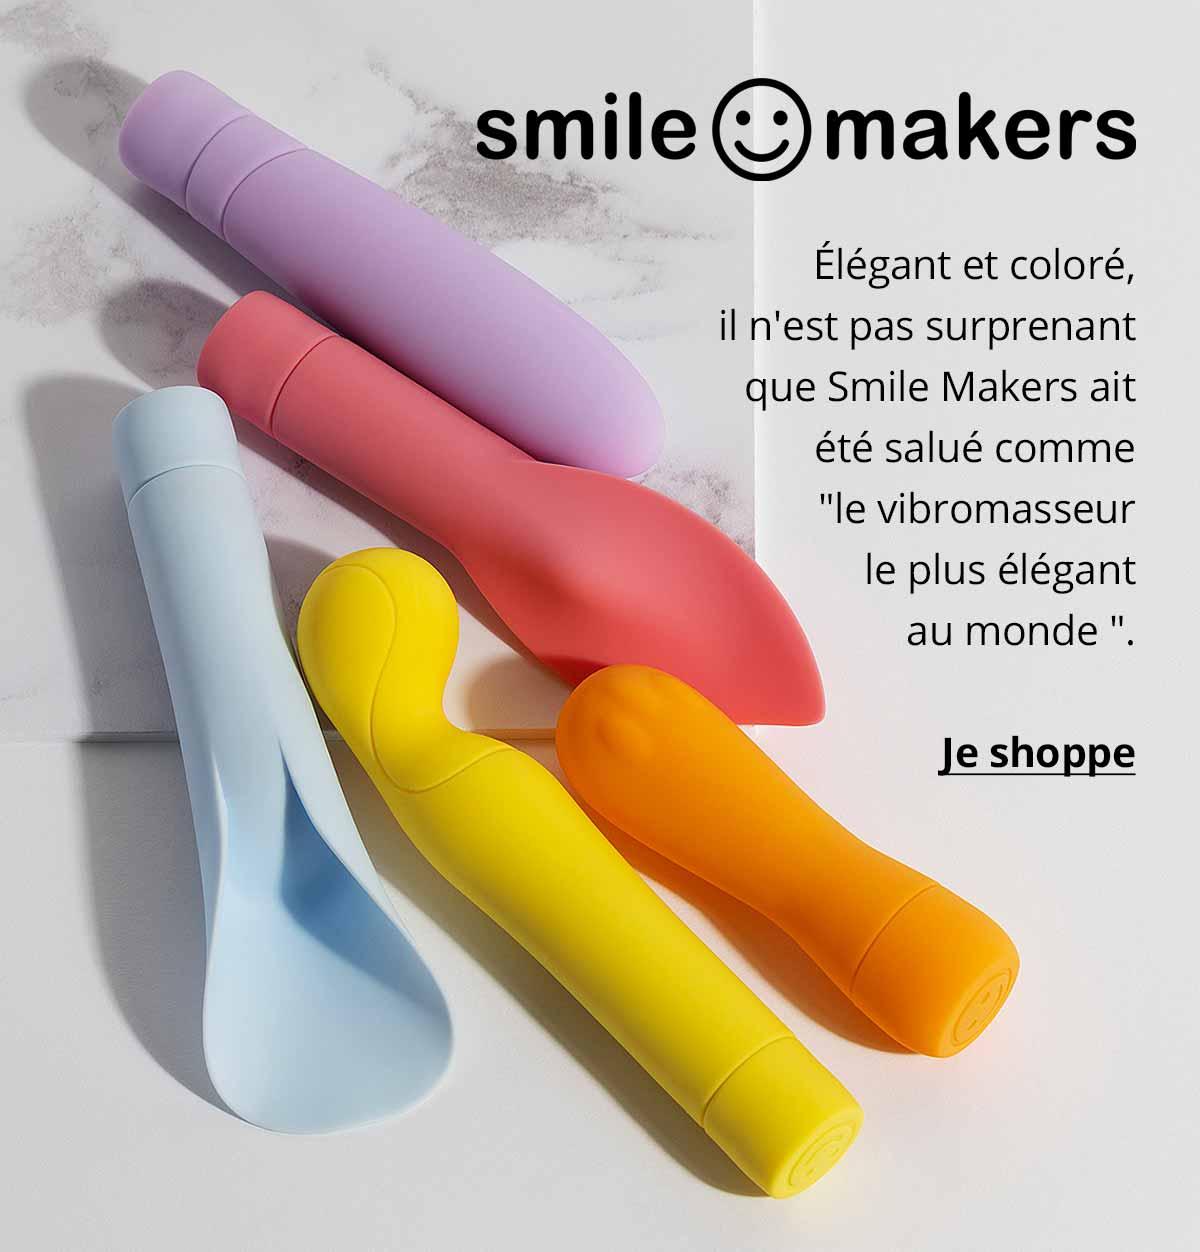 """Smile Makers - Élégant et coloré, il n'est pas surprenant que Smile Makers ait été salué comme """" le vibromasseur le plus élégant au monde """"."""